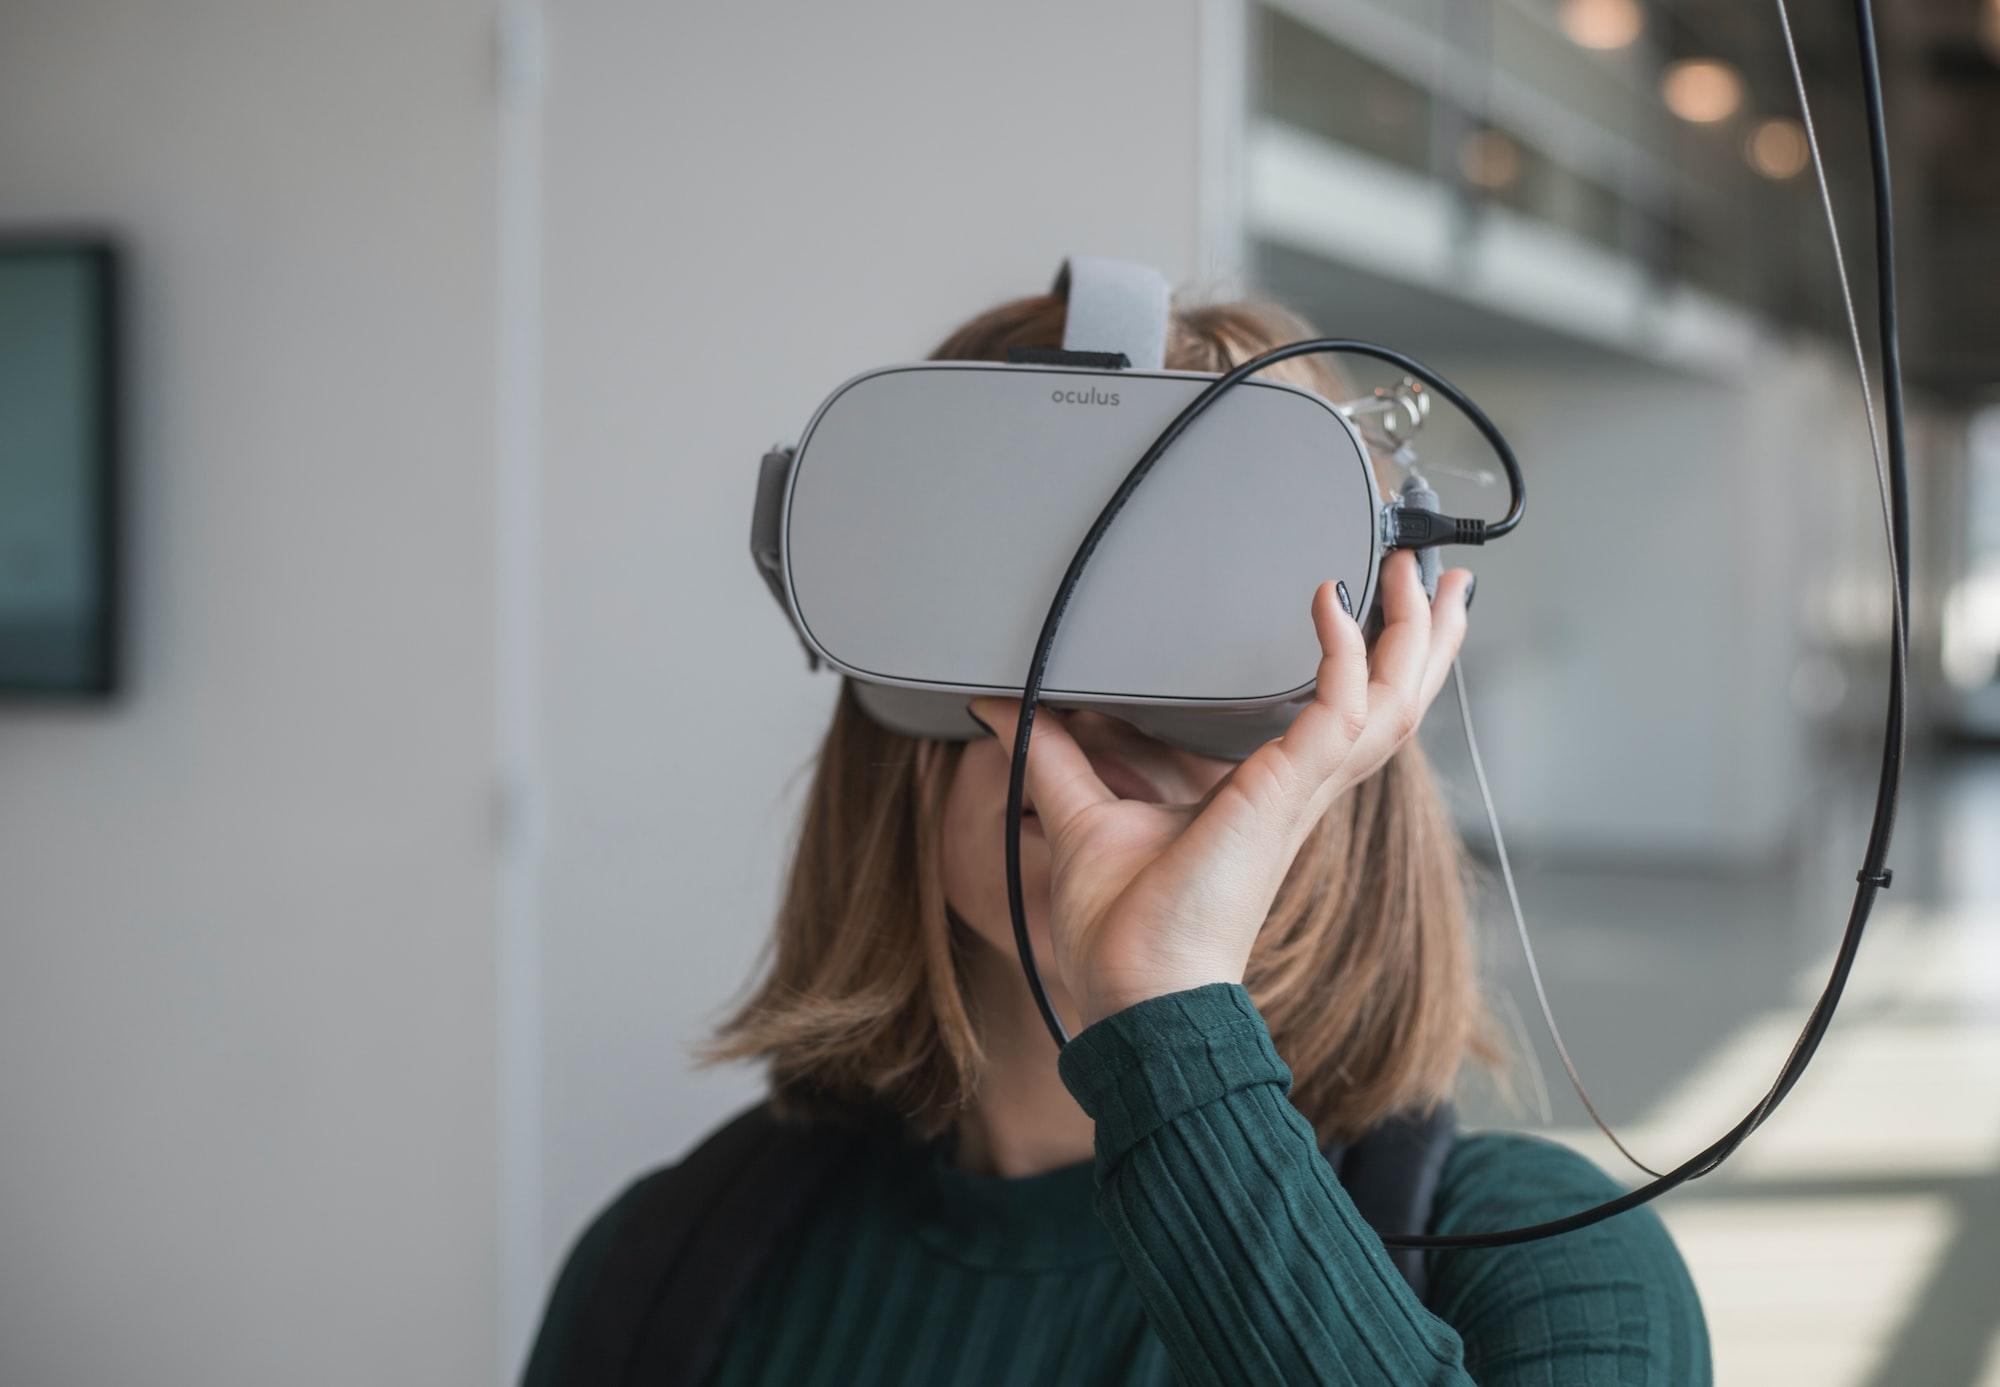 Facebook начнёт показывать рекламу в гарнитурах виртуальной реальности Oculus